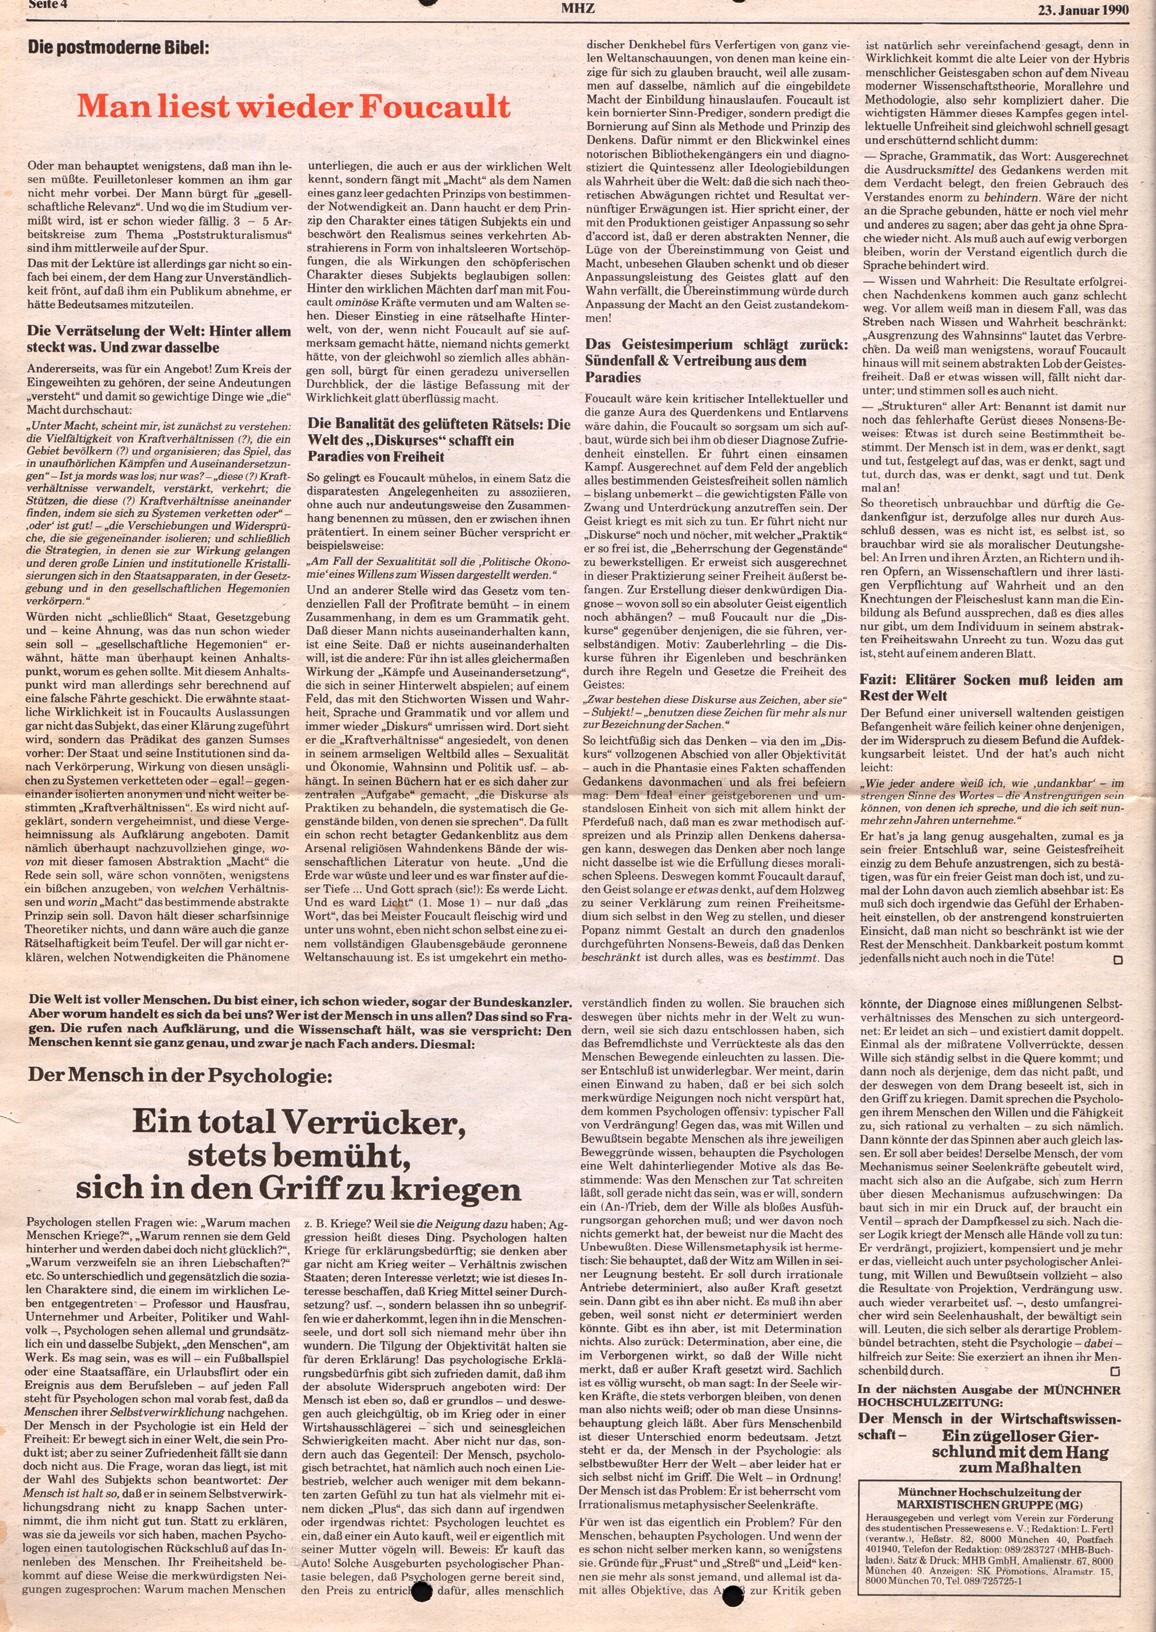 Muenchen_MG_Hochschulzeitung_19900123_04